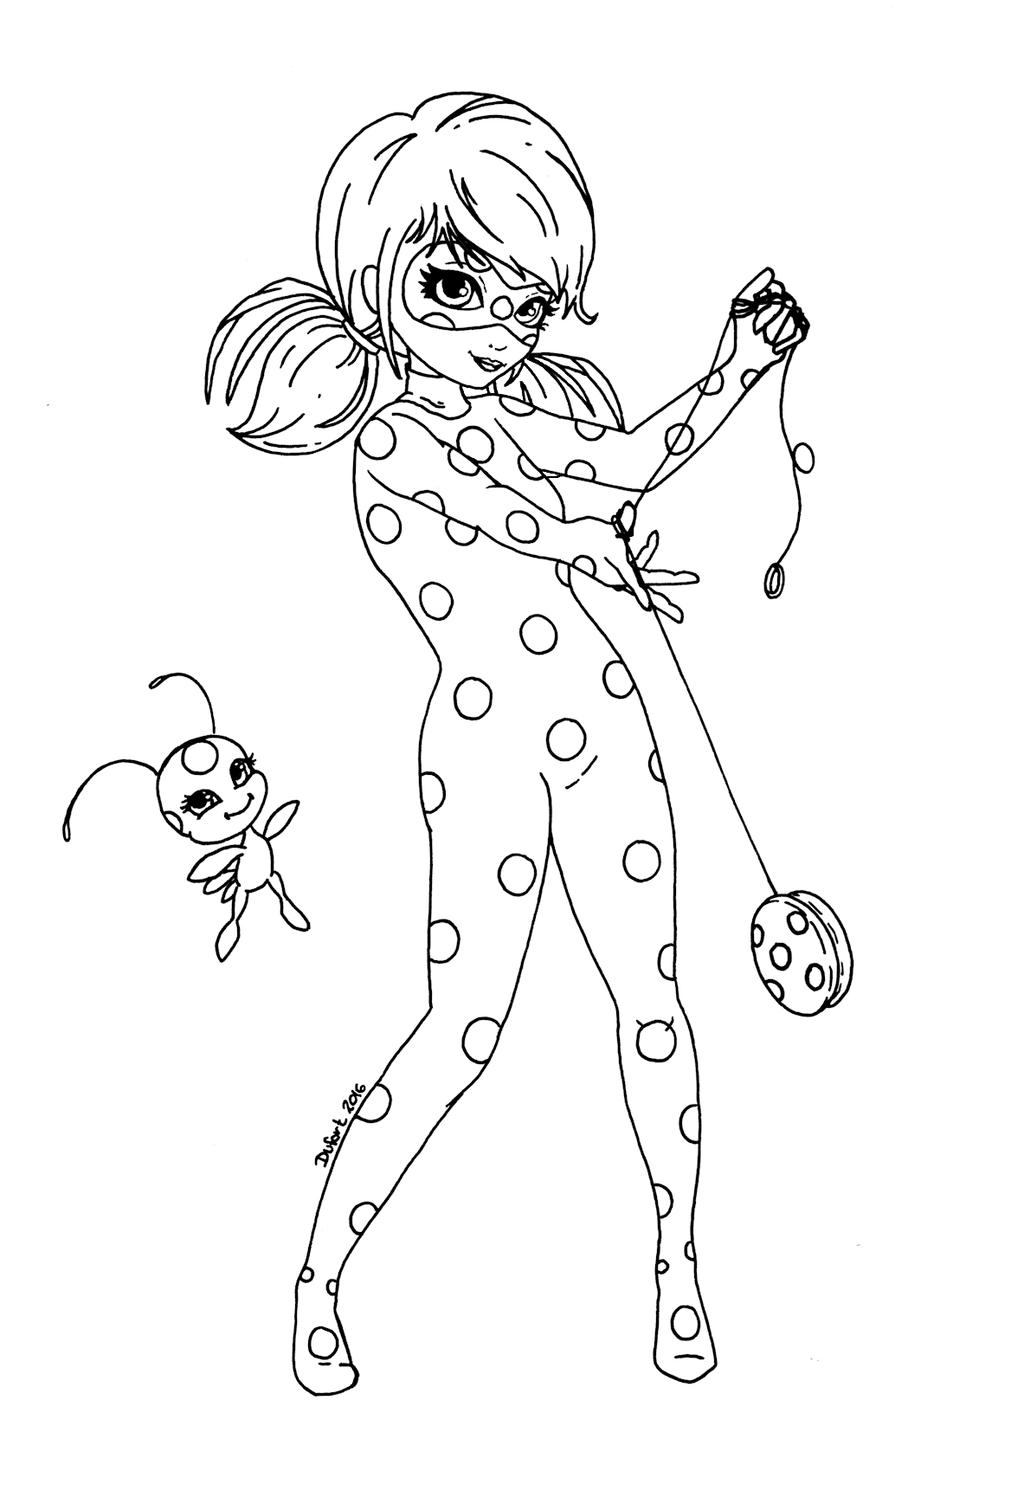 Картинки для срисовки красивые легкие и прикольные для девочек леди баг, анимация